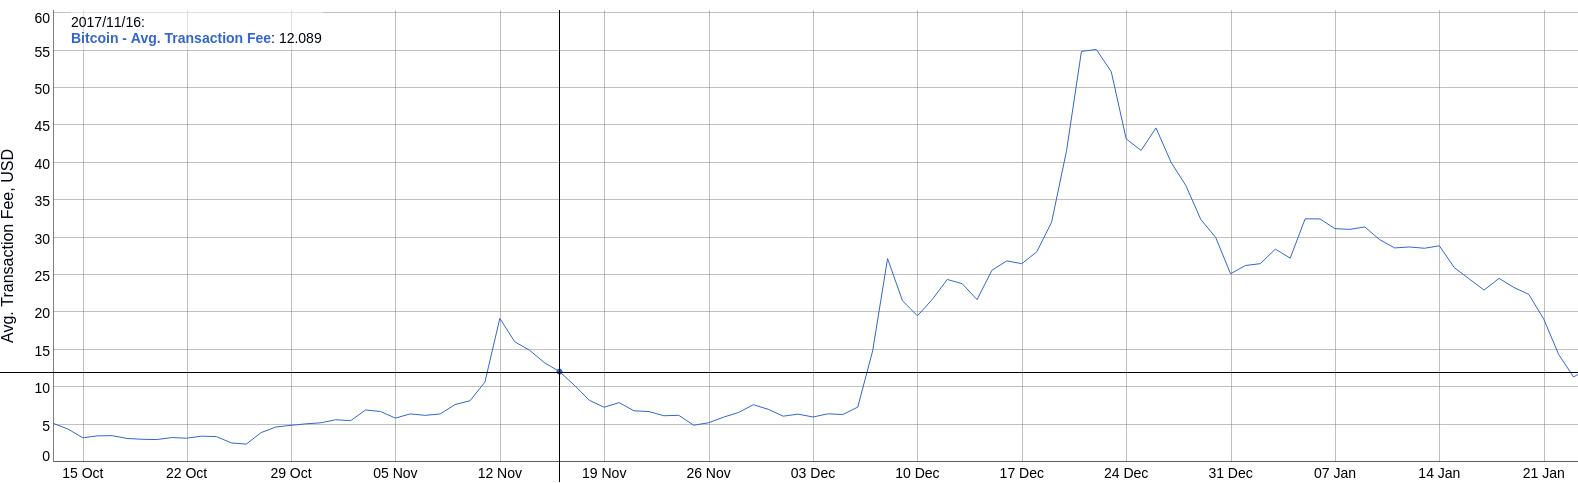 Média de taxas de transação em USD